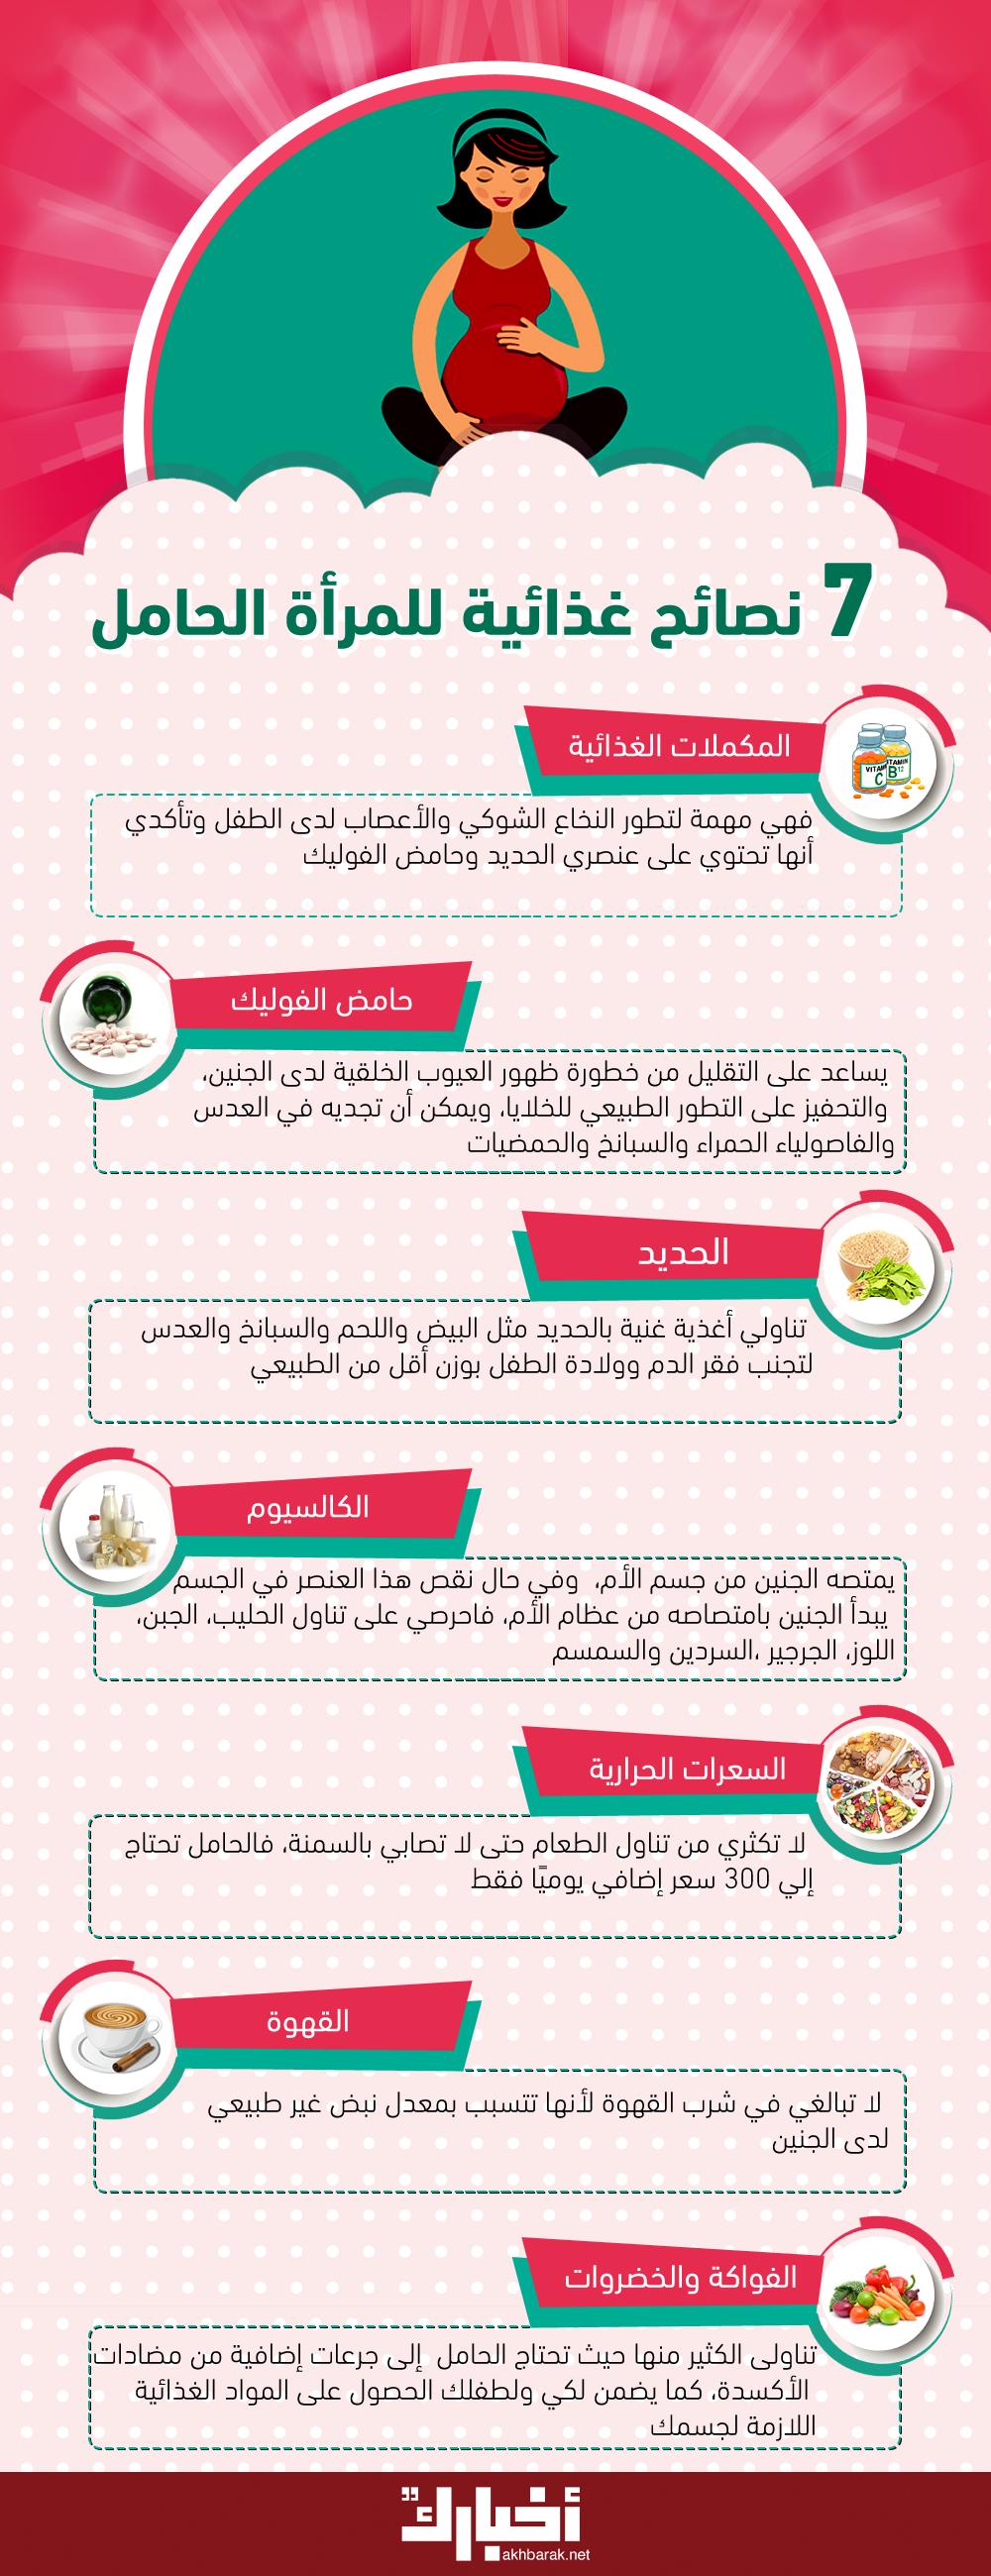 7 نصائح غذائية للمرأة الحامل